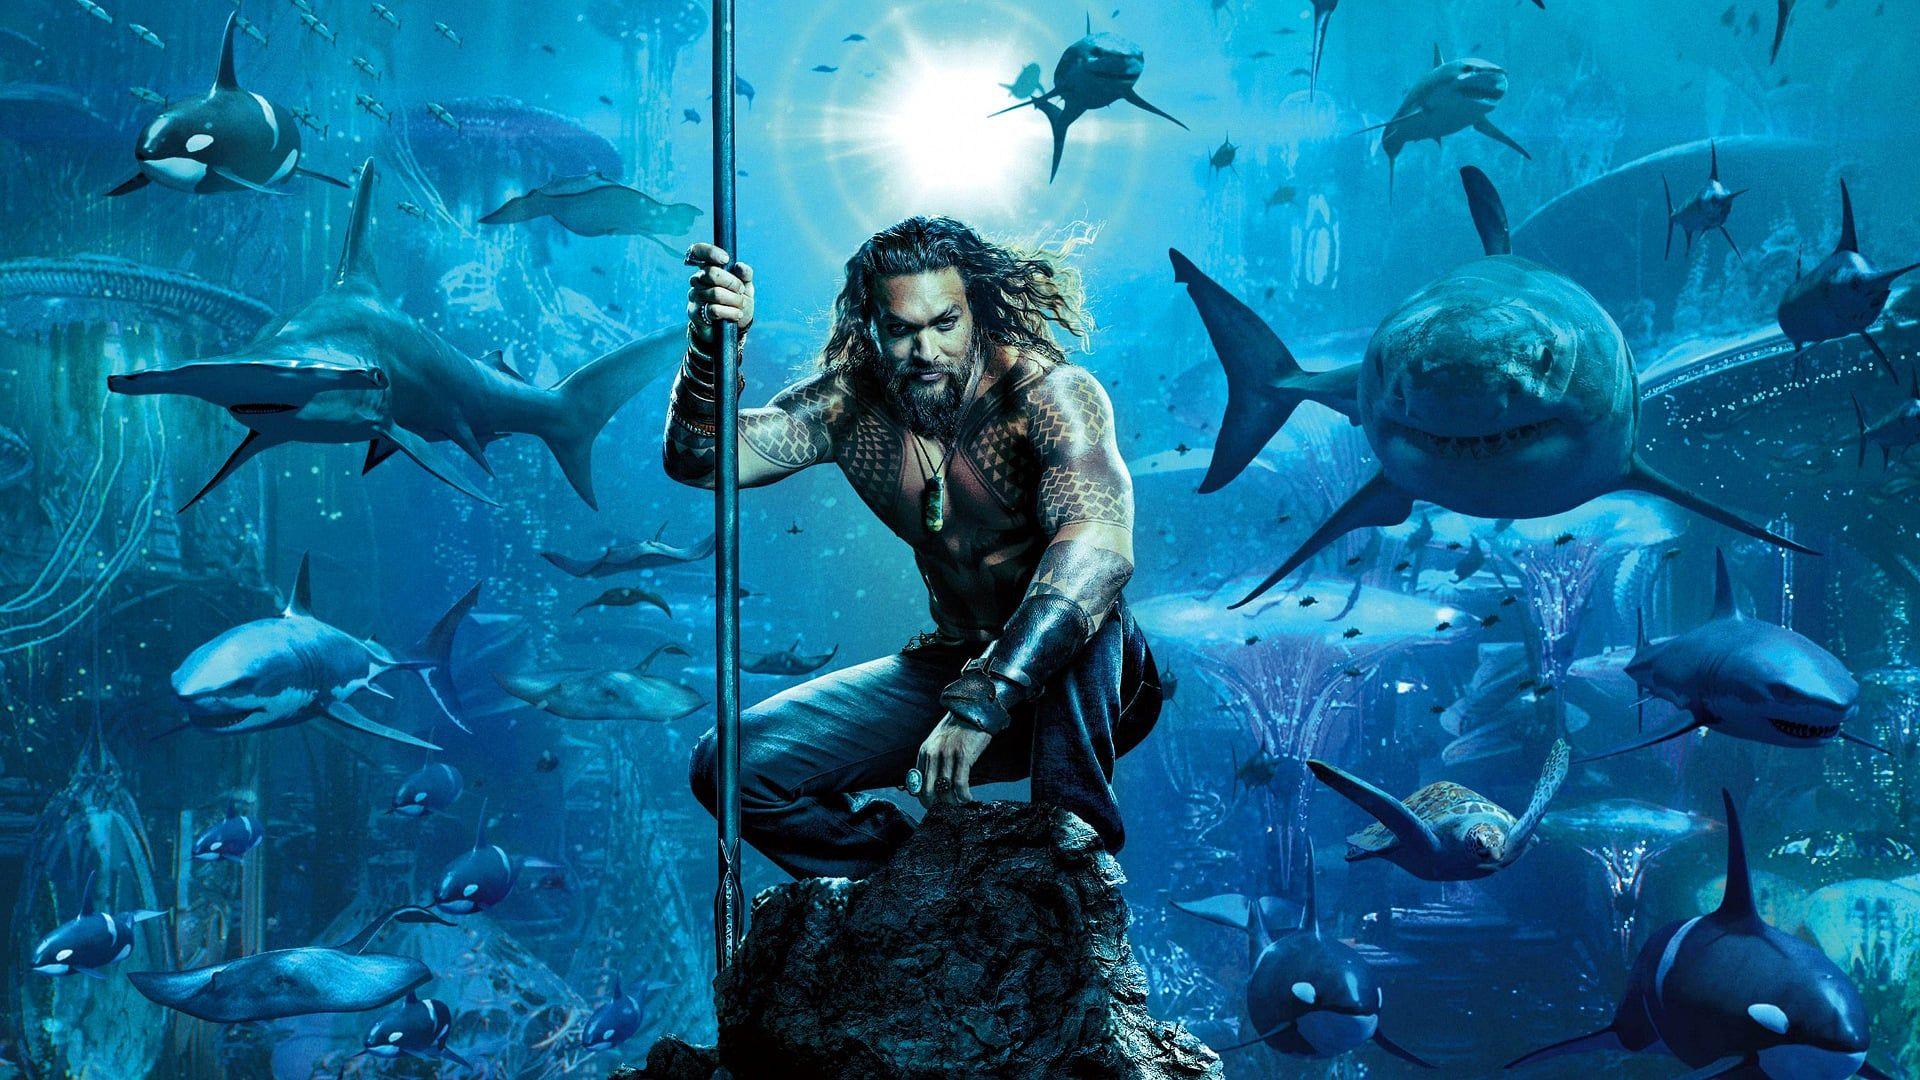 Watch Aquaman Online Free 123movies Aquaman Pelicula Ver Peliculas Completas Aquaman